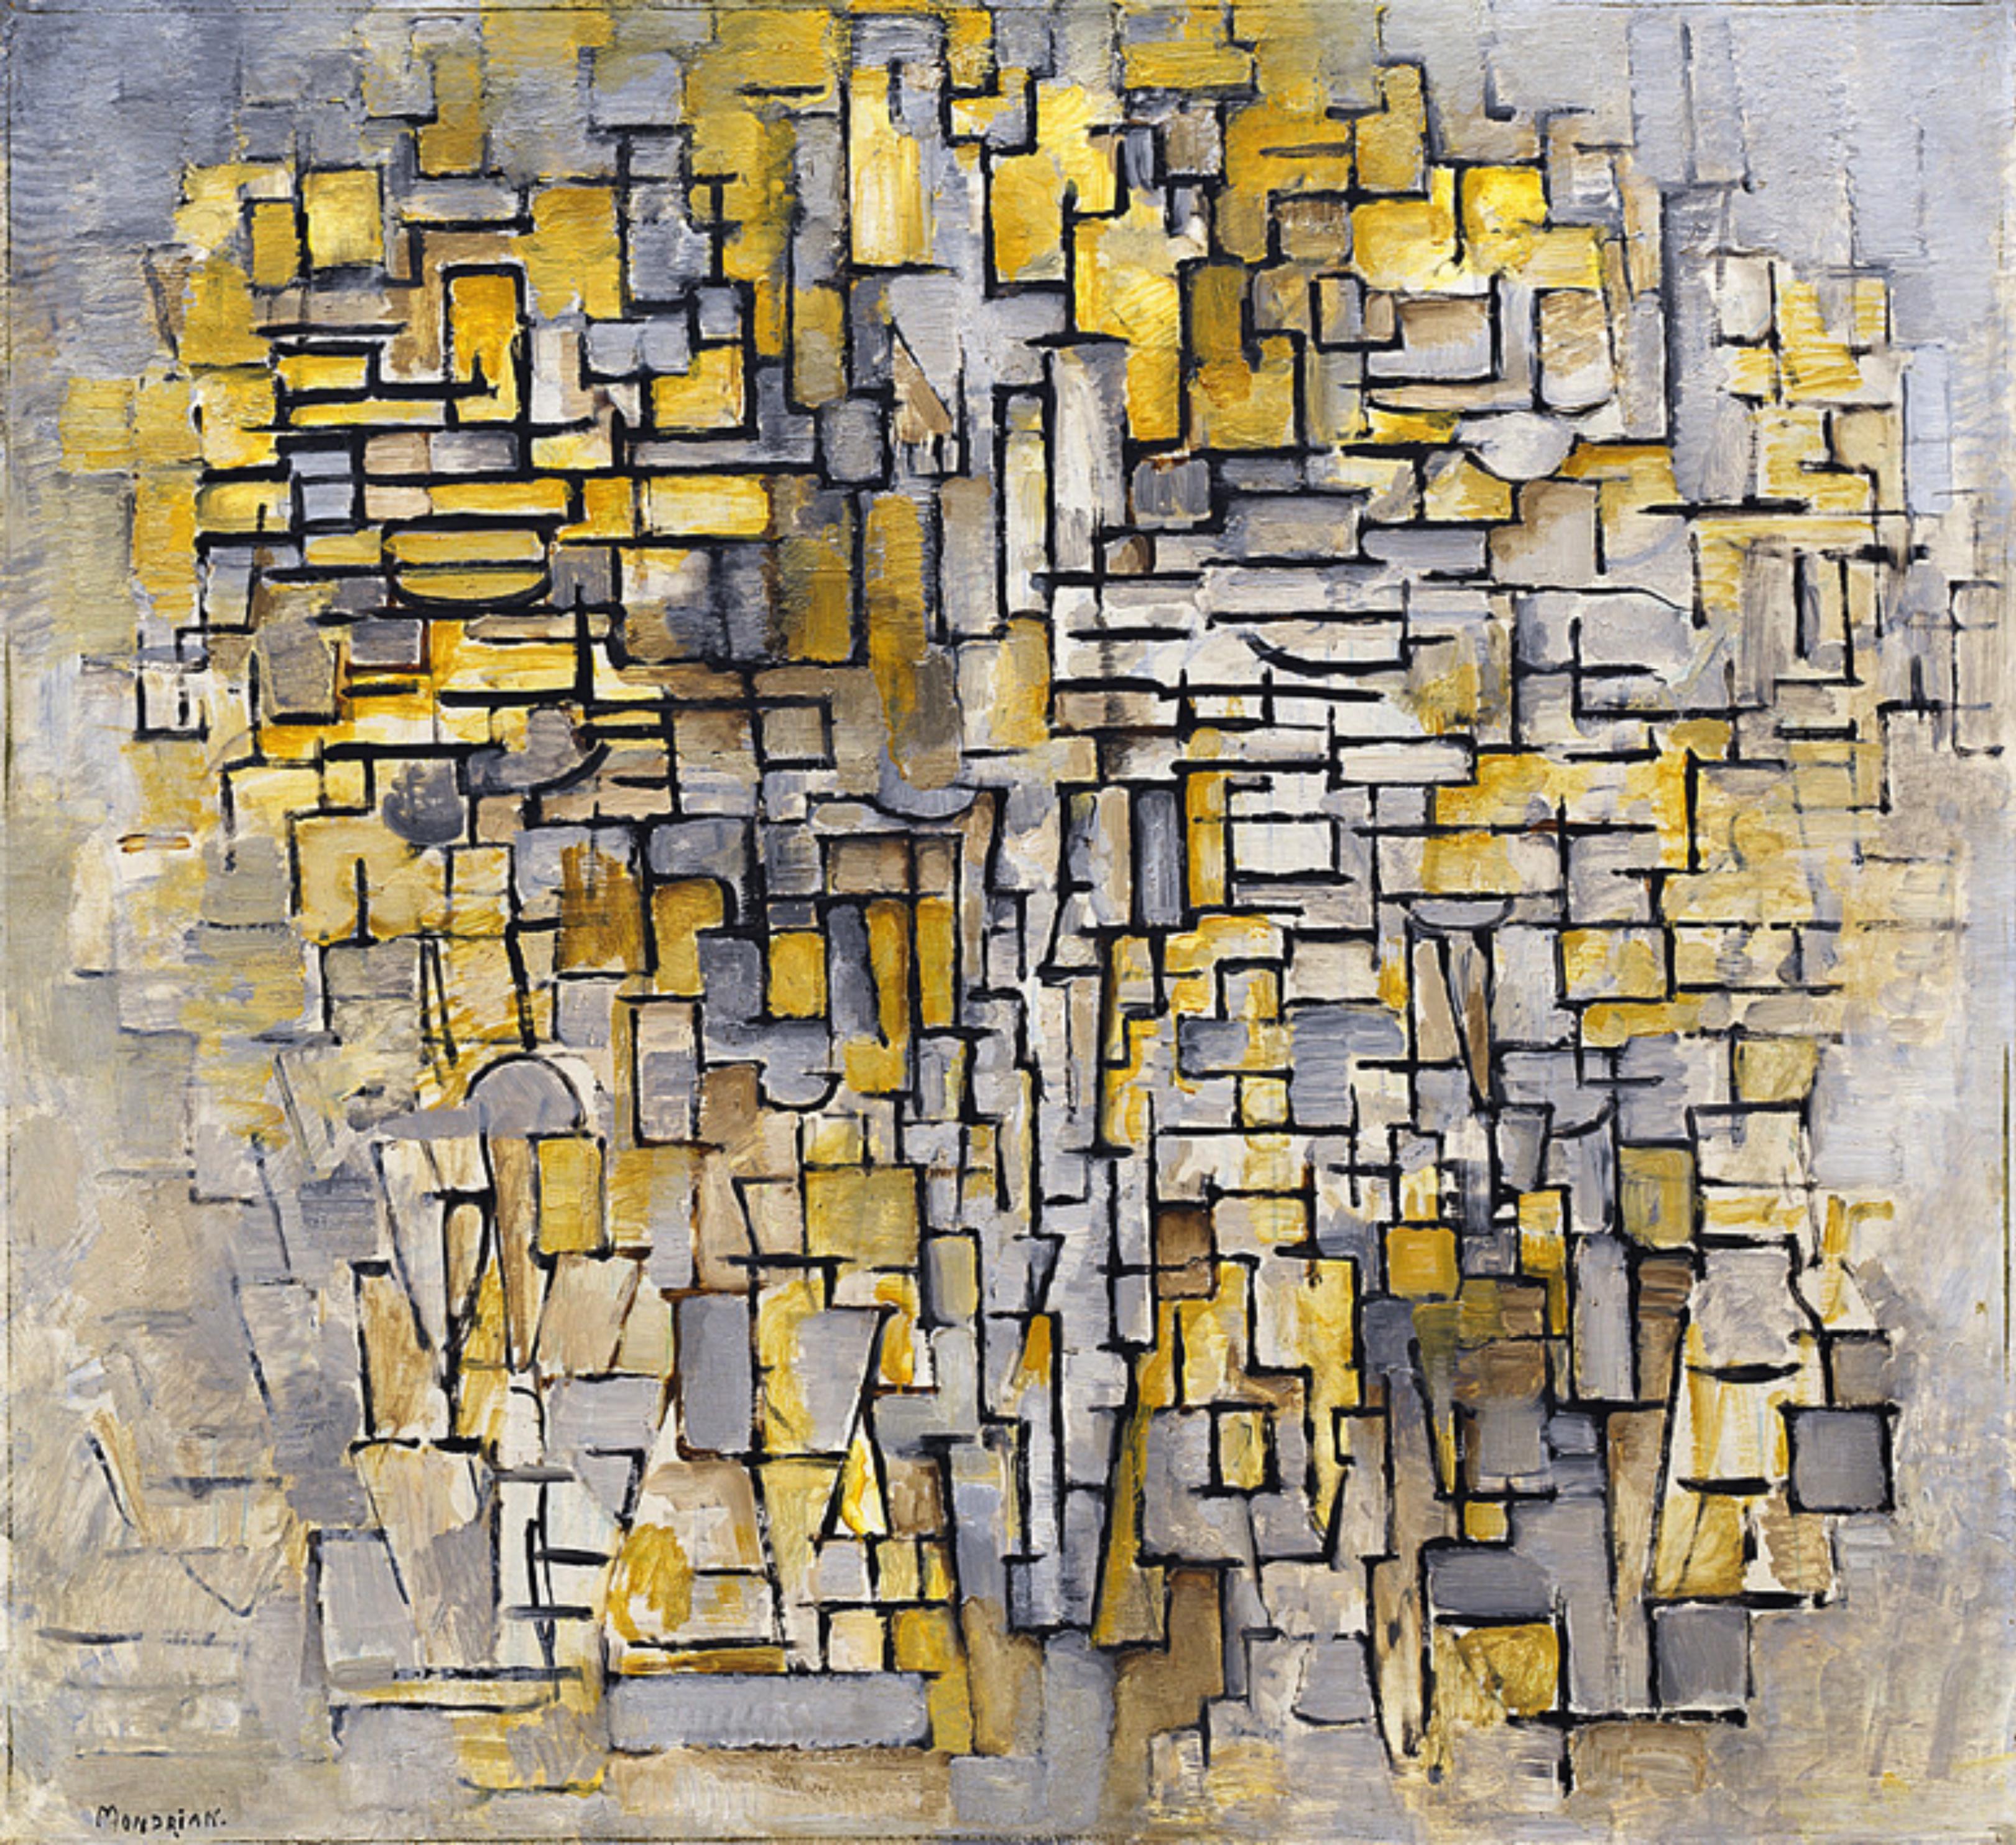 Early Mondrian